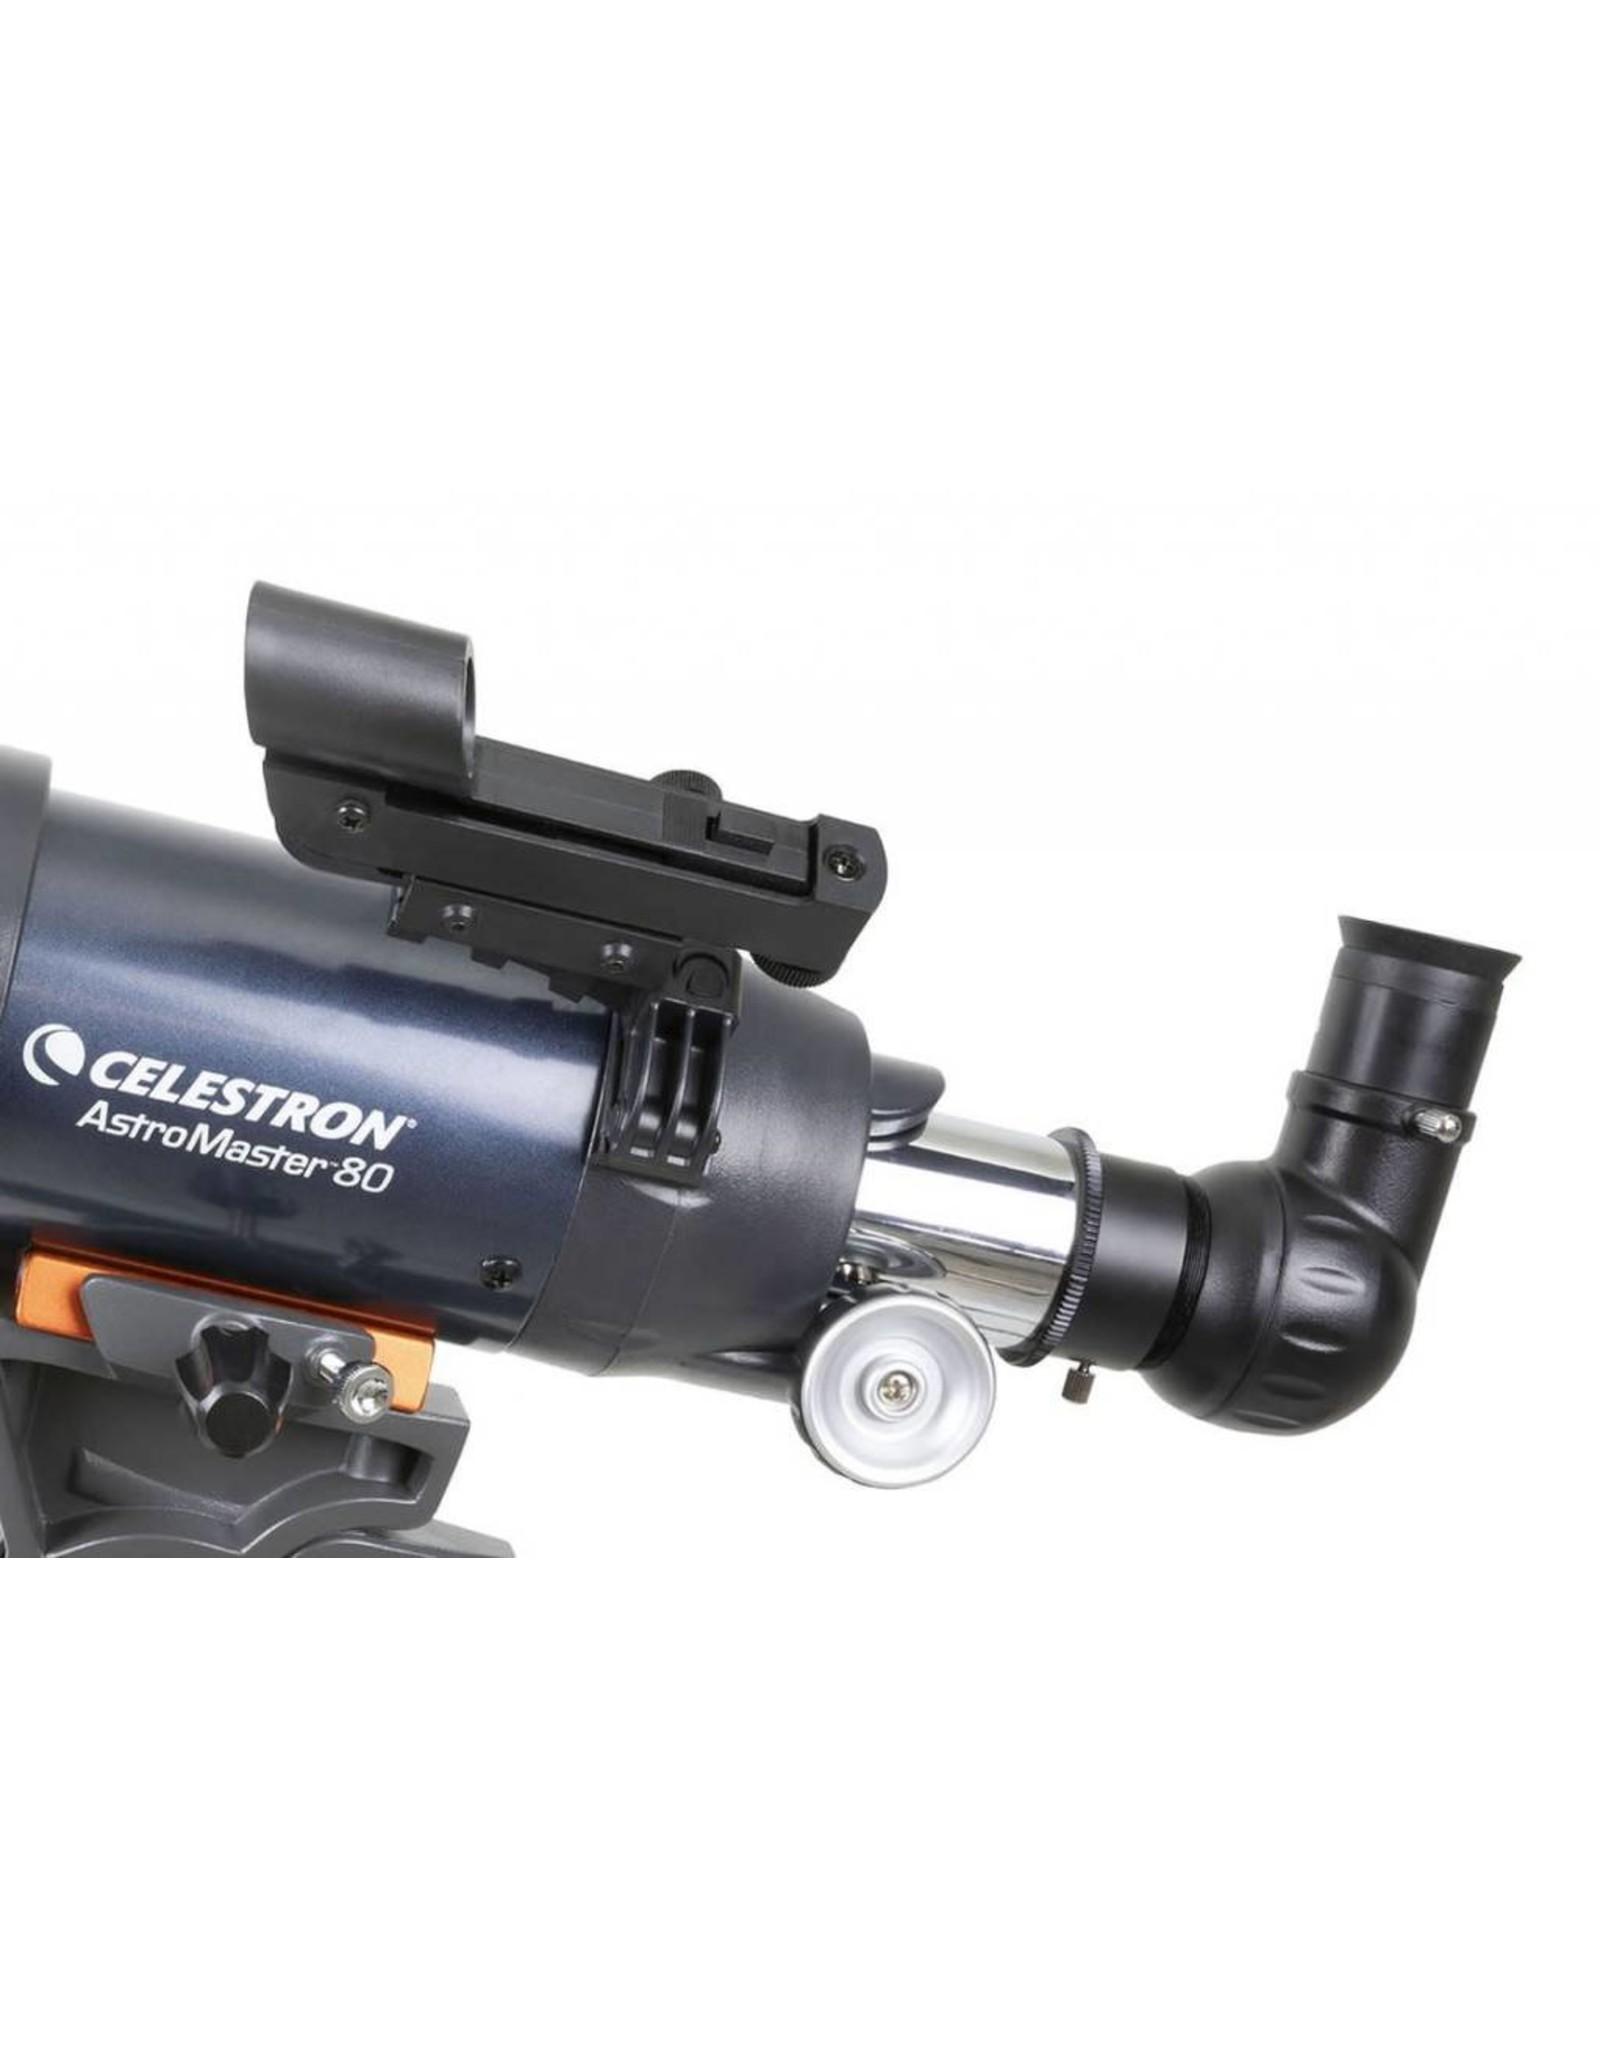 Celestron Celestron AstroMaster 80AZS Short Refractor